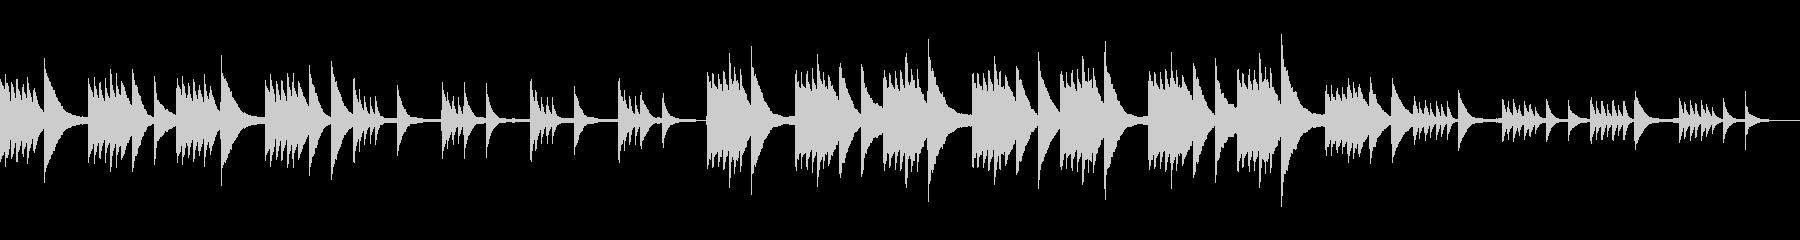 ゆったり切ないピアノ曲の未再生の波形